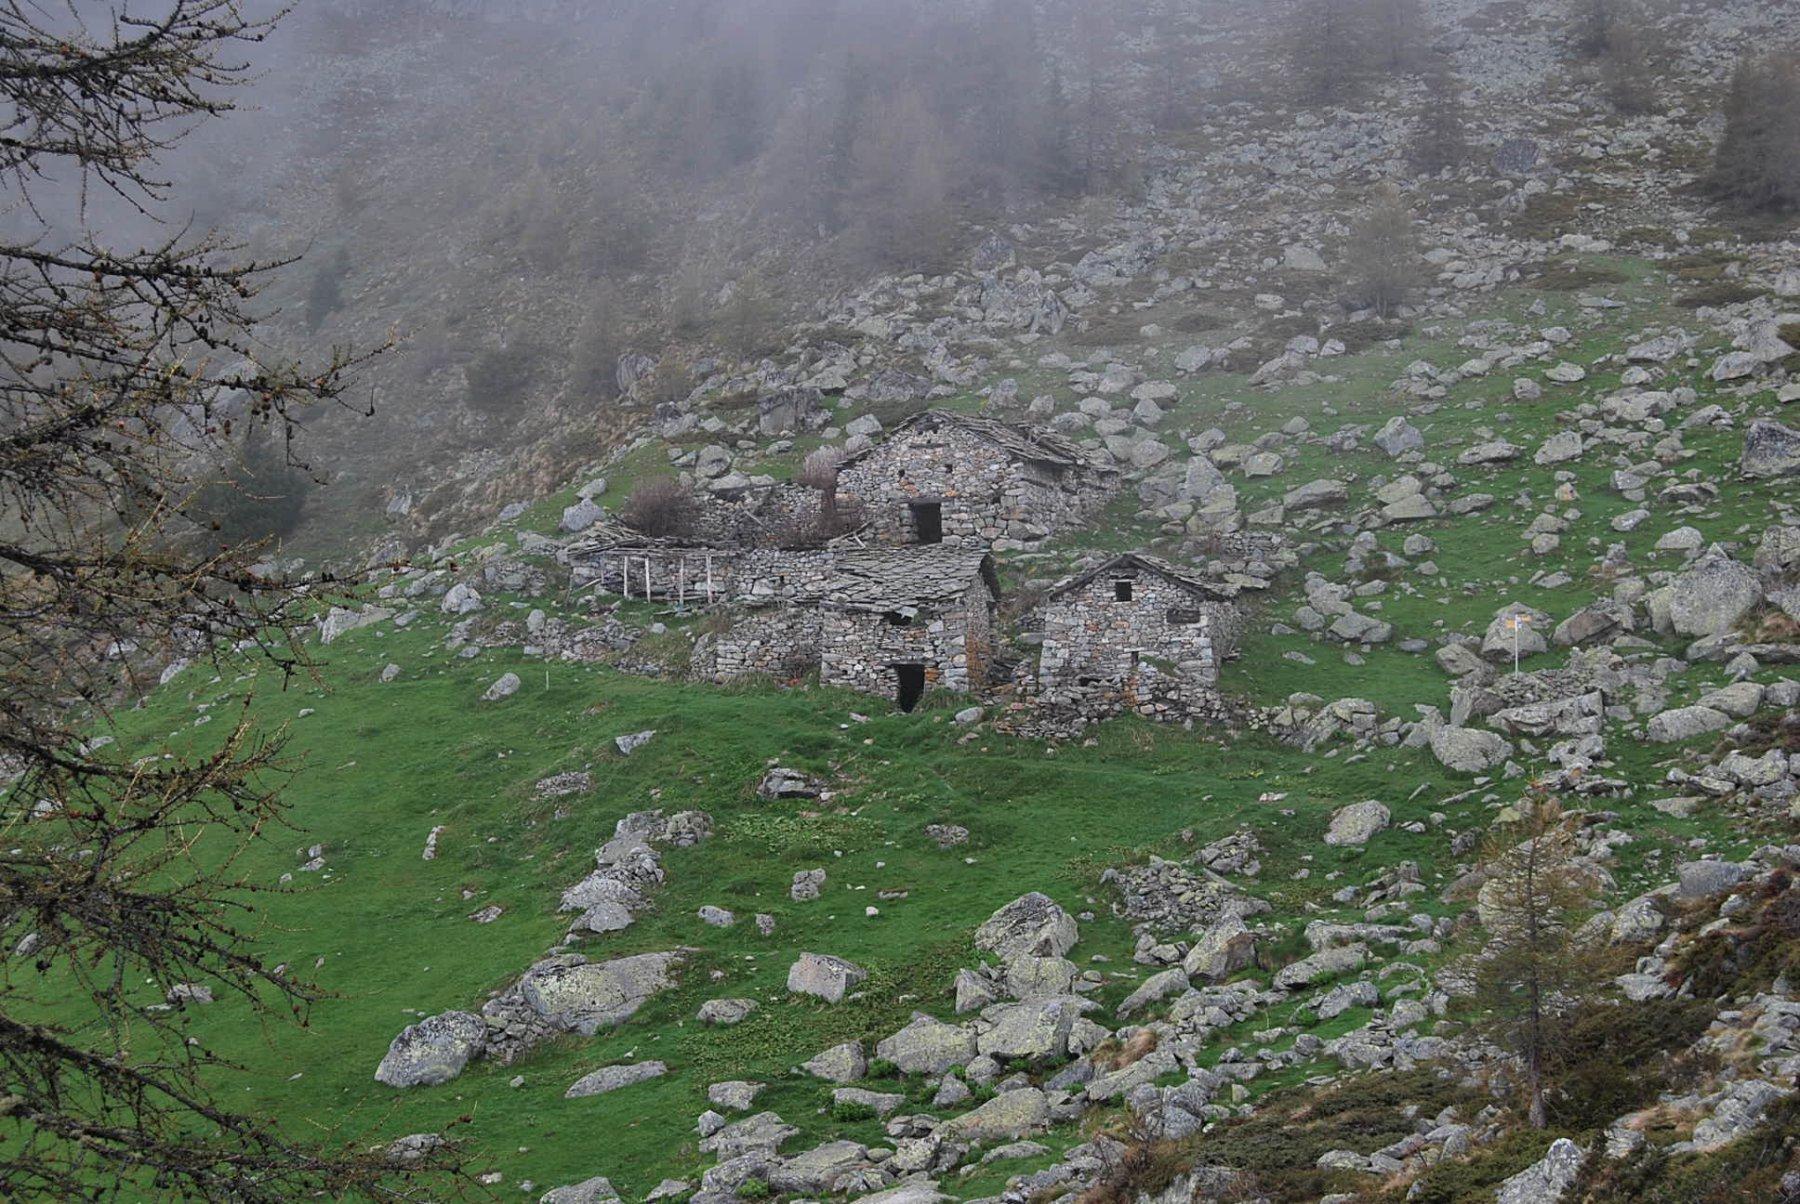 L'arrivo agli Alpeggi di Brison, dove inizia a piovere